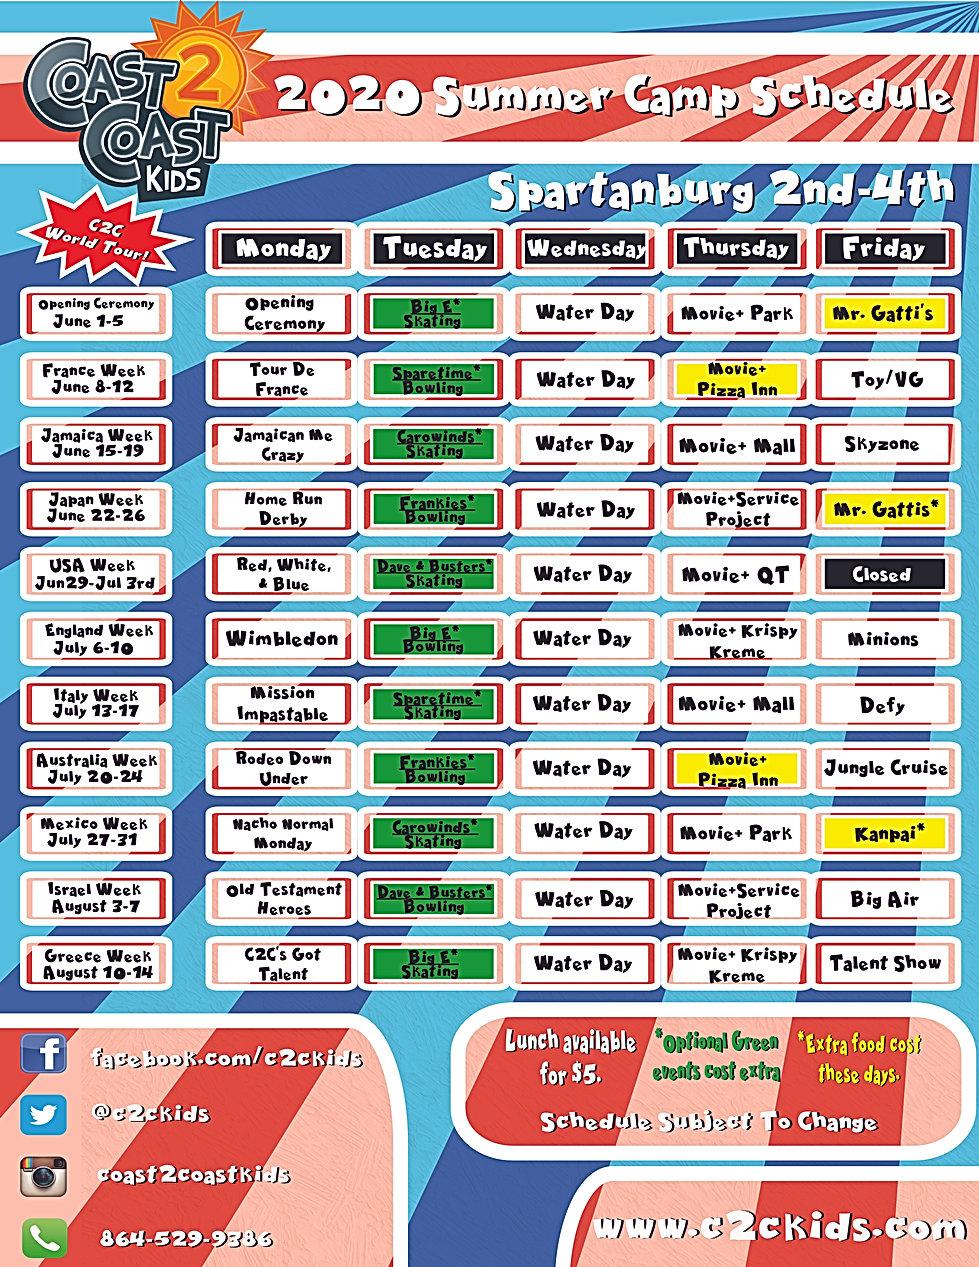 2nd-4th Spartanburg Schedule.jpg